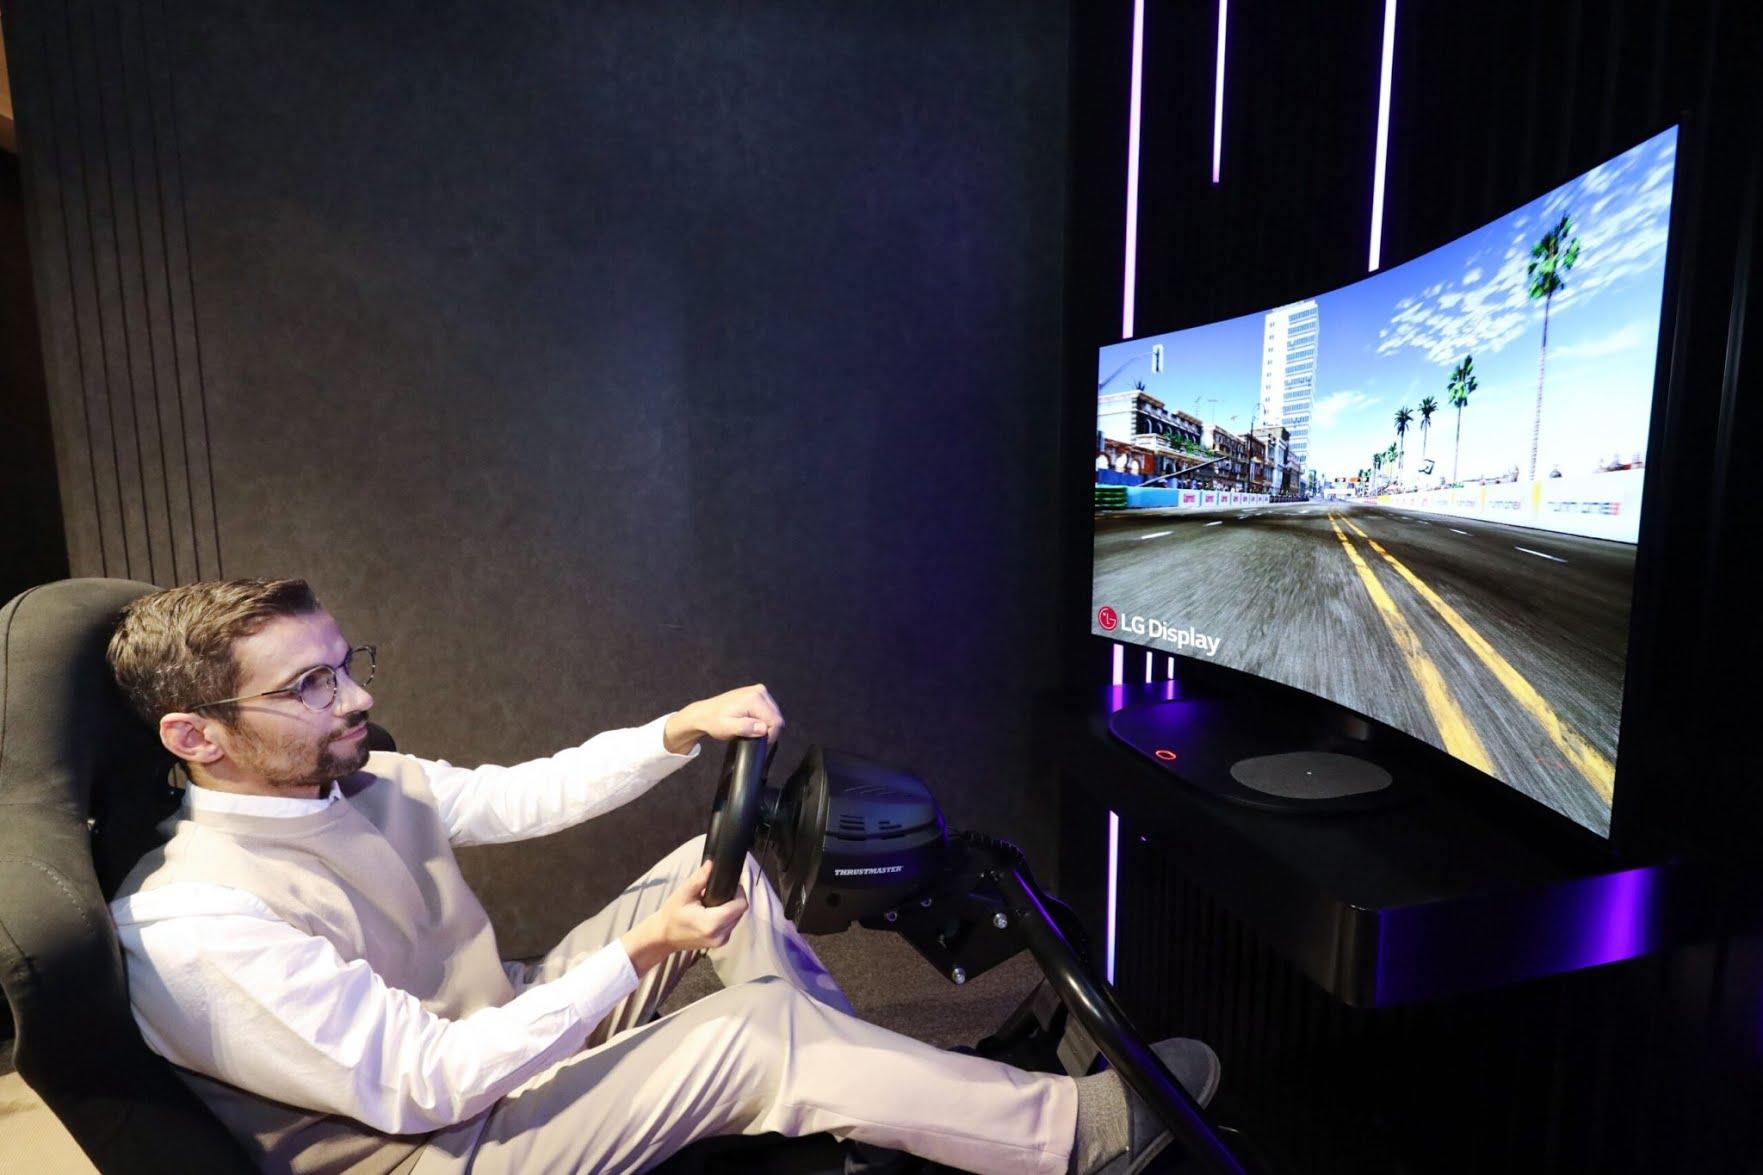 LG présente un écran OLED incurvé au CES 2021